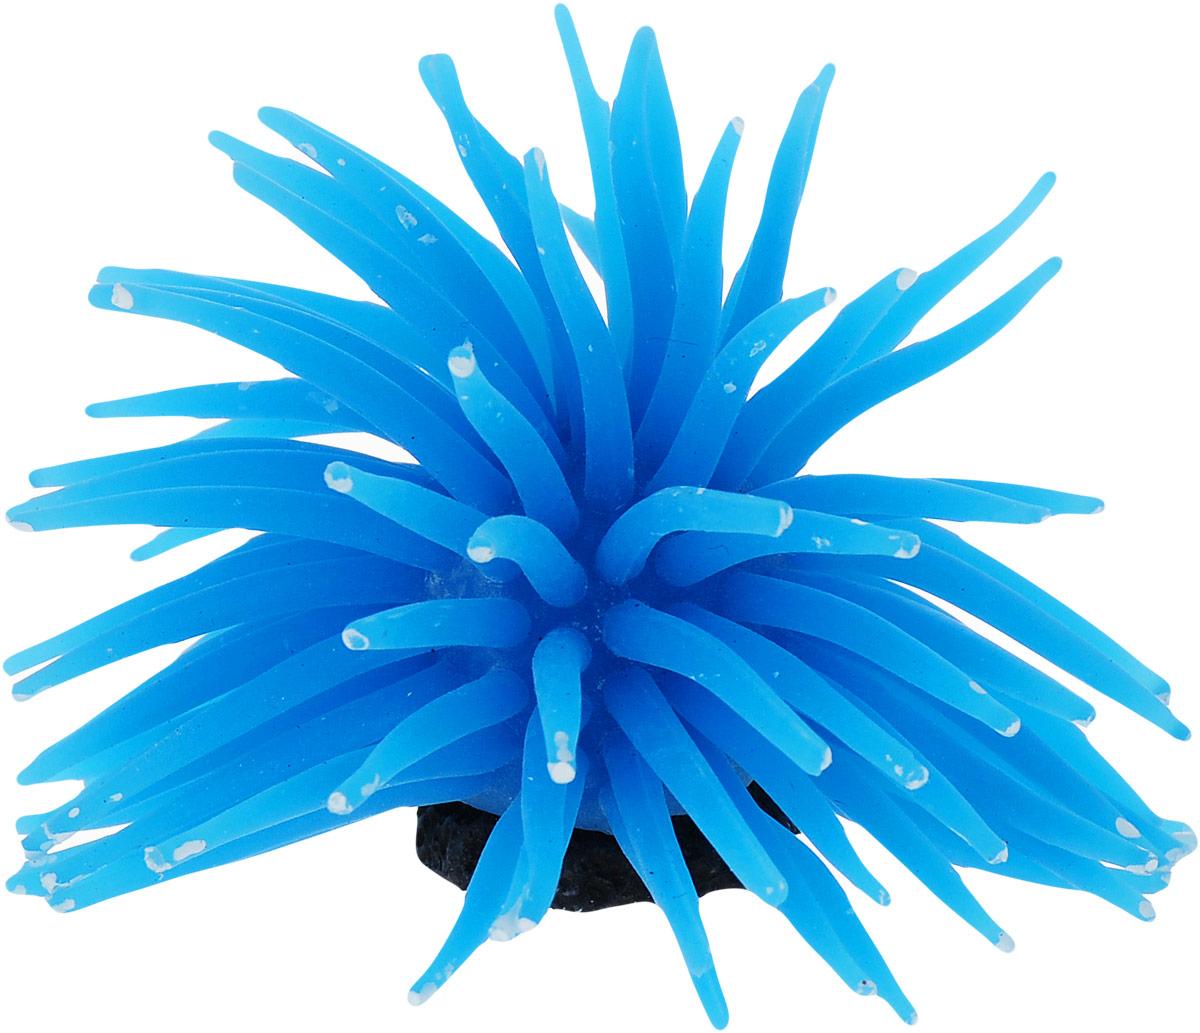 Коралл для аквариума Уют Разноцветные щупальца, силиконовый, цвет: голубой, 8 х 8 х 7 см распылитель воздуха для аквариума barbus белый корундовый 1 8 х 1 8 х 5 см